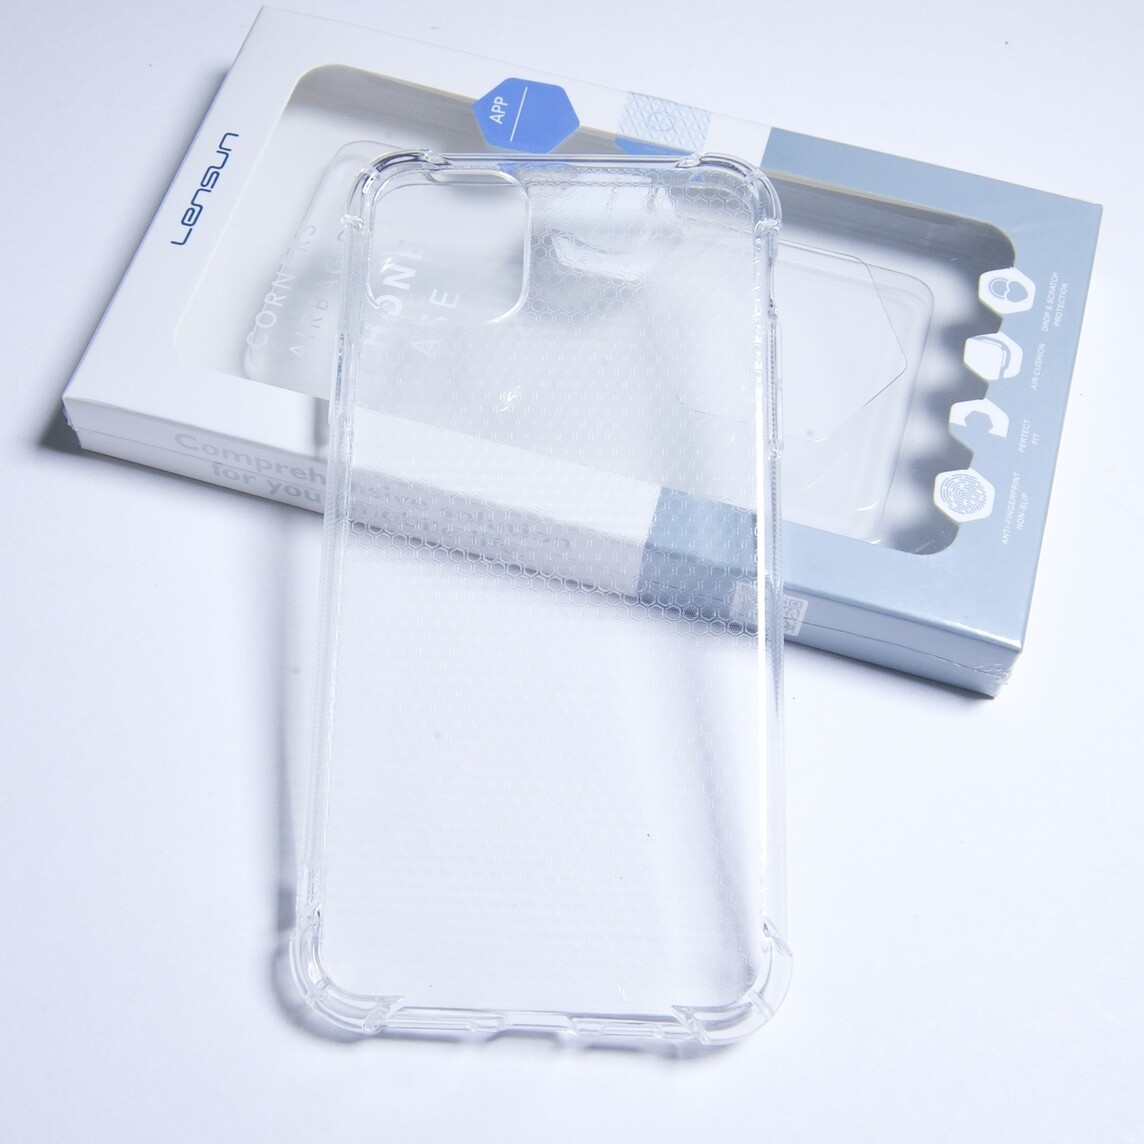 Estuche LENSUN Airbag Design Transparente  Iphone 11 Pro (5.8)